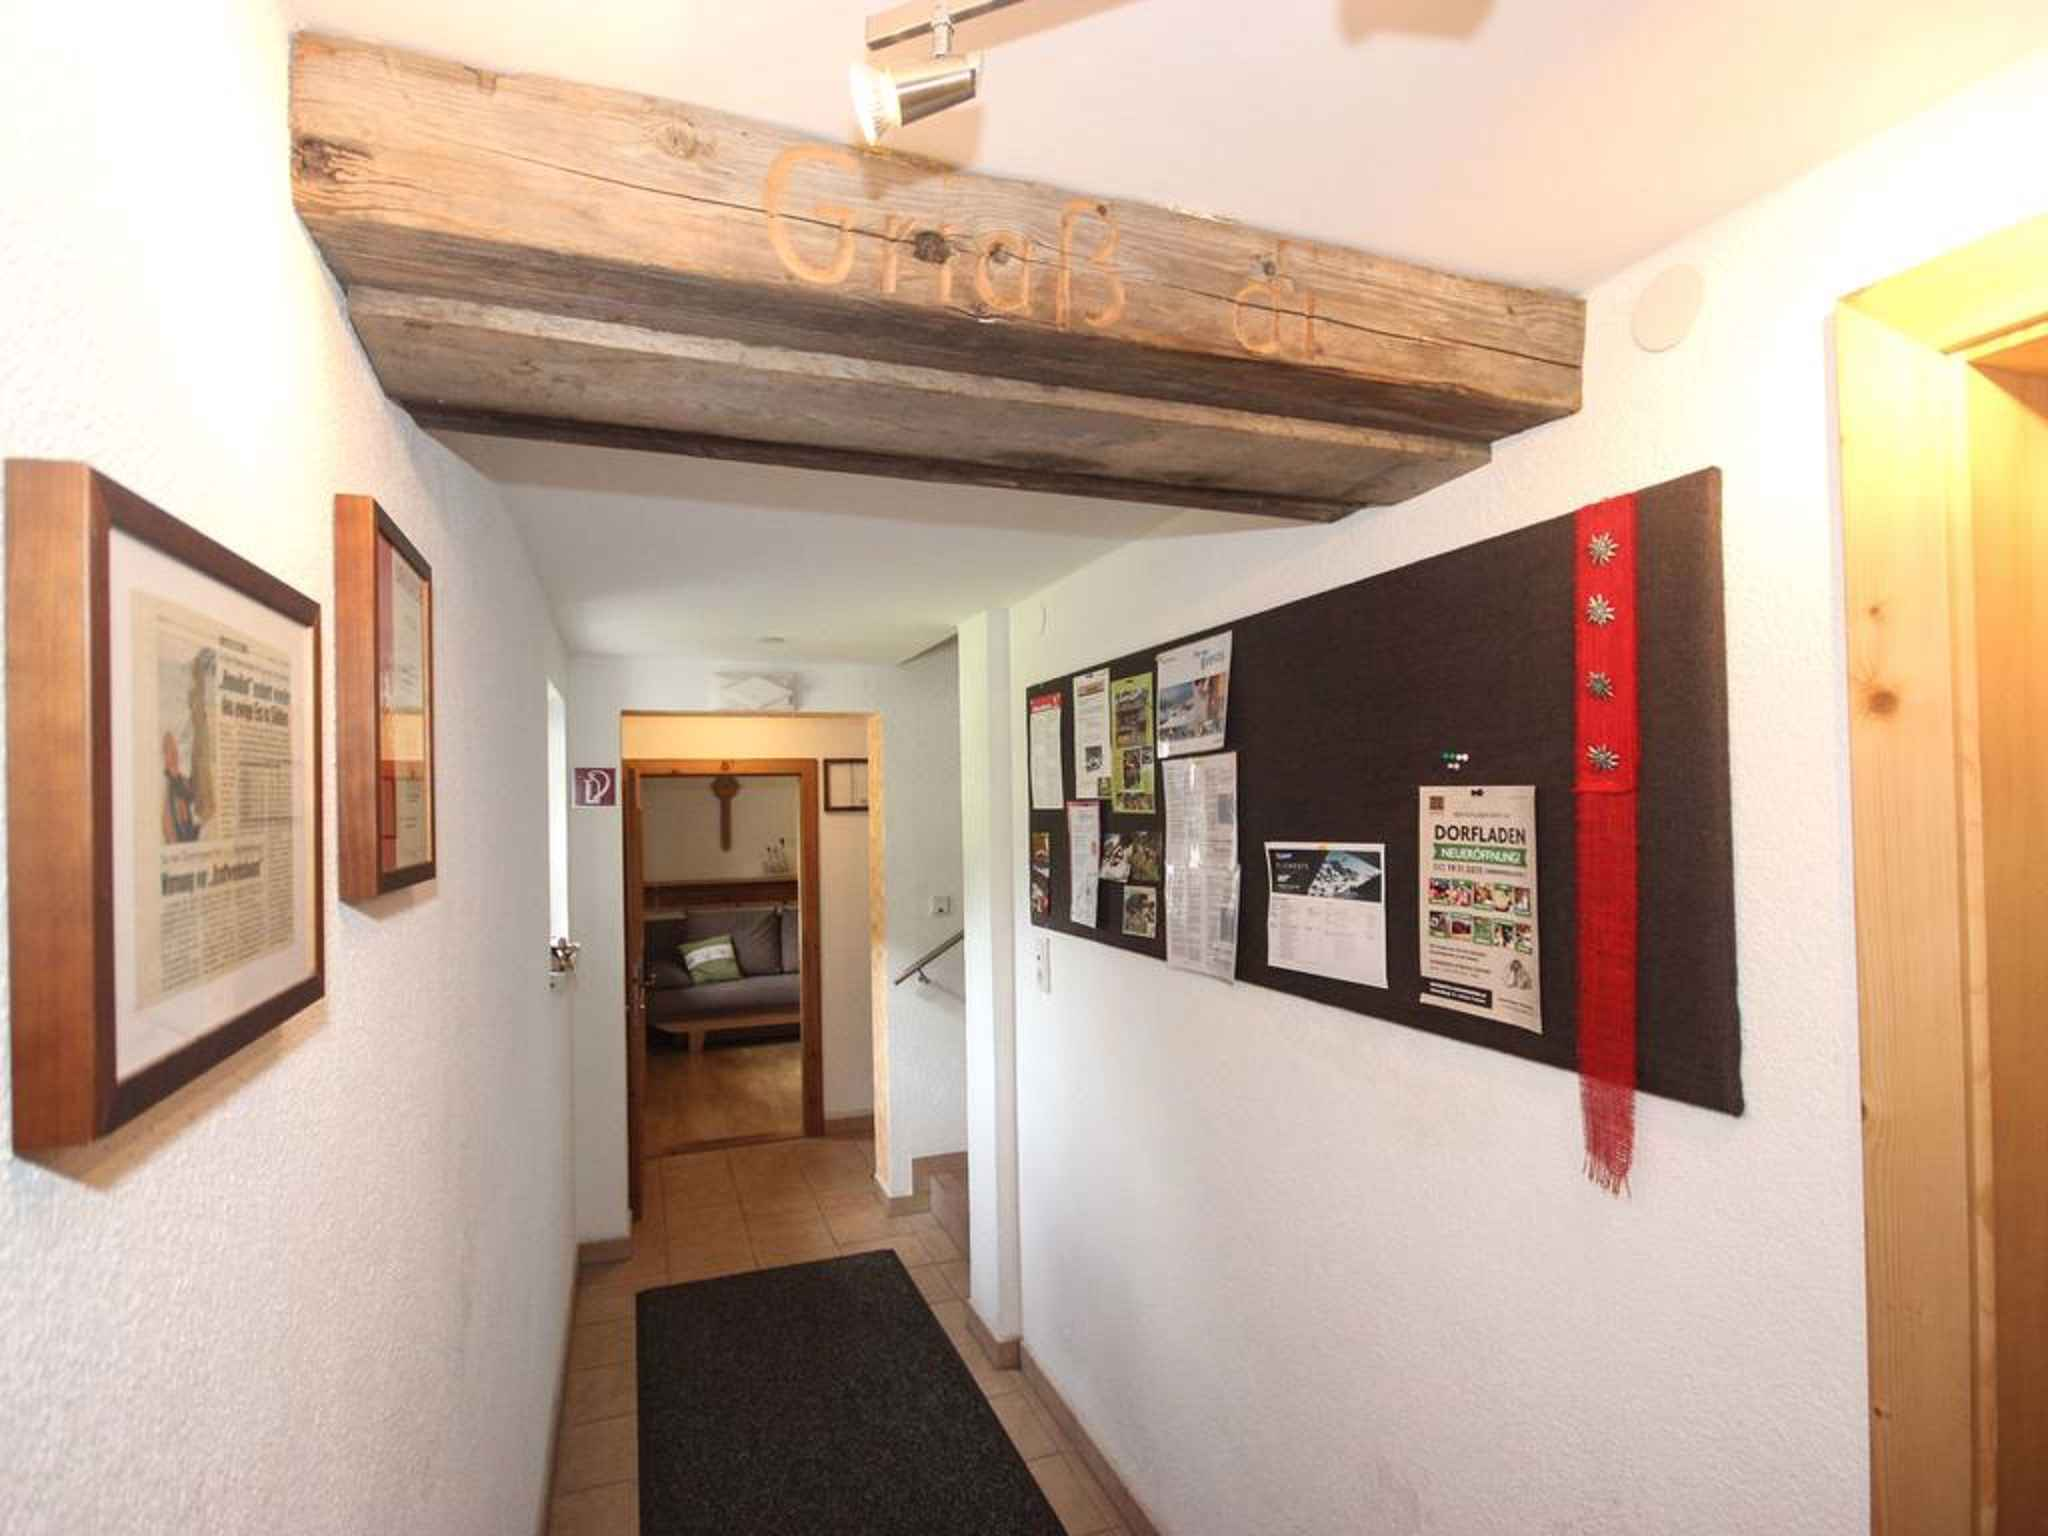 Ferienwohnung in einem über 300 Jahre alten Holzhaus (283707), Sölden (AT), Ötztal, Tirol, Österreich, Bild 11